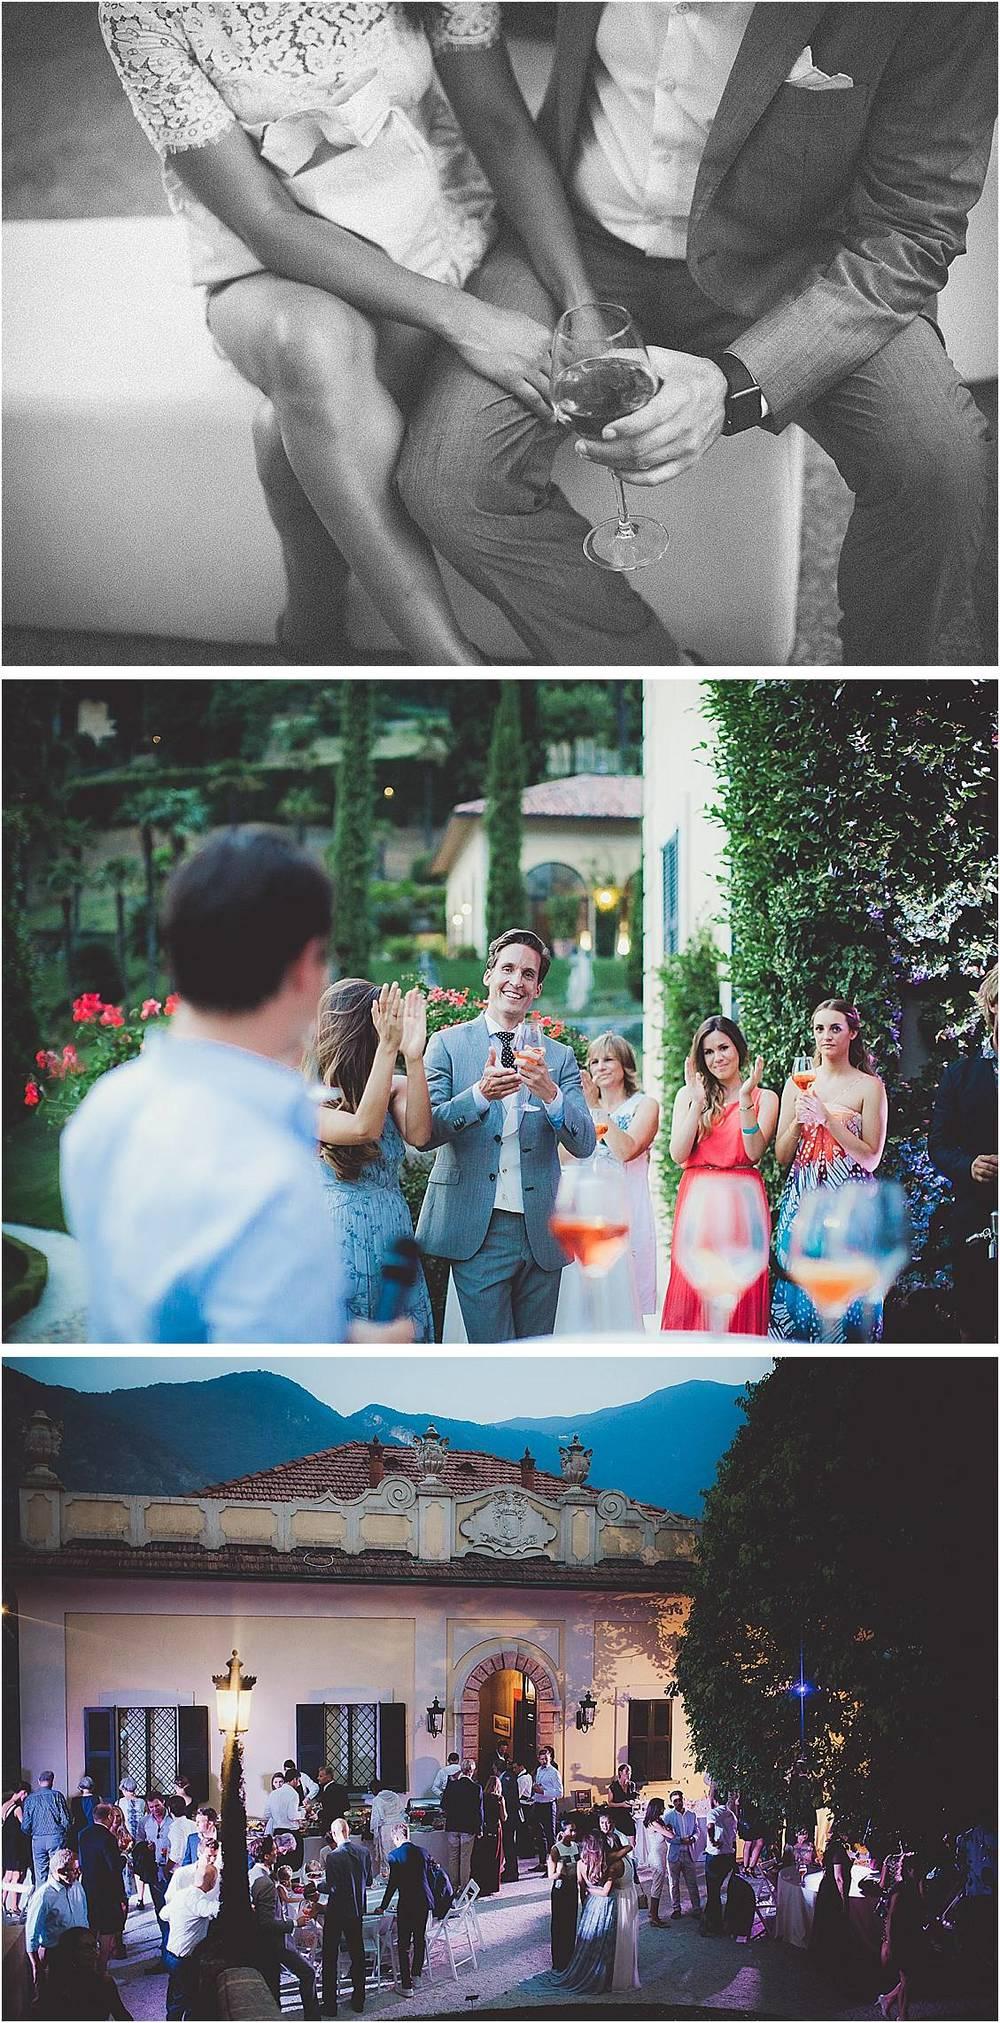 Villa Balbianello_FionaclairPhotography-125.jpg